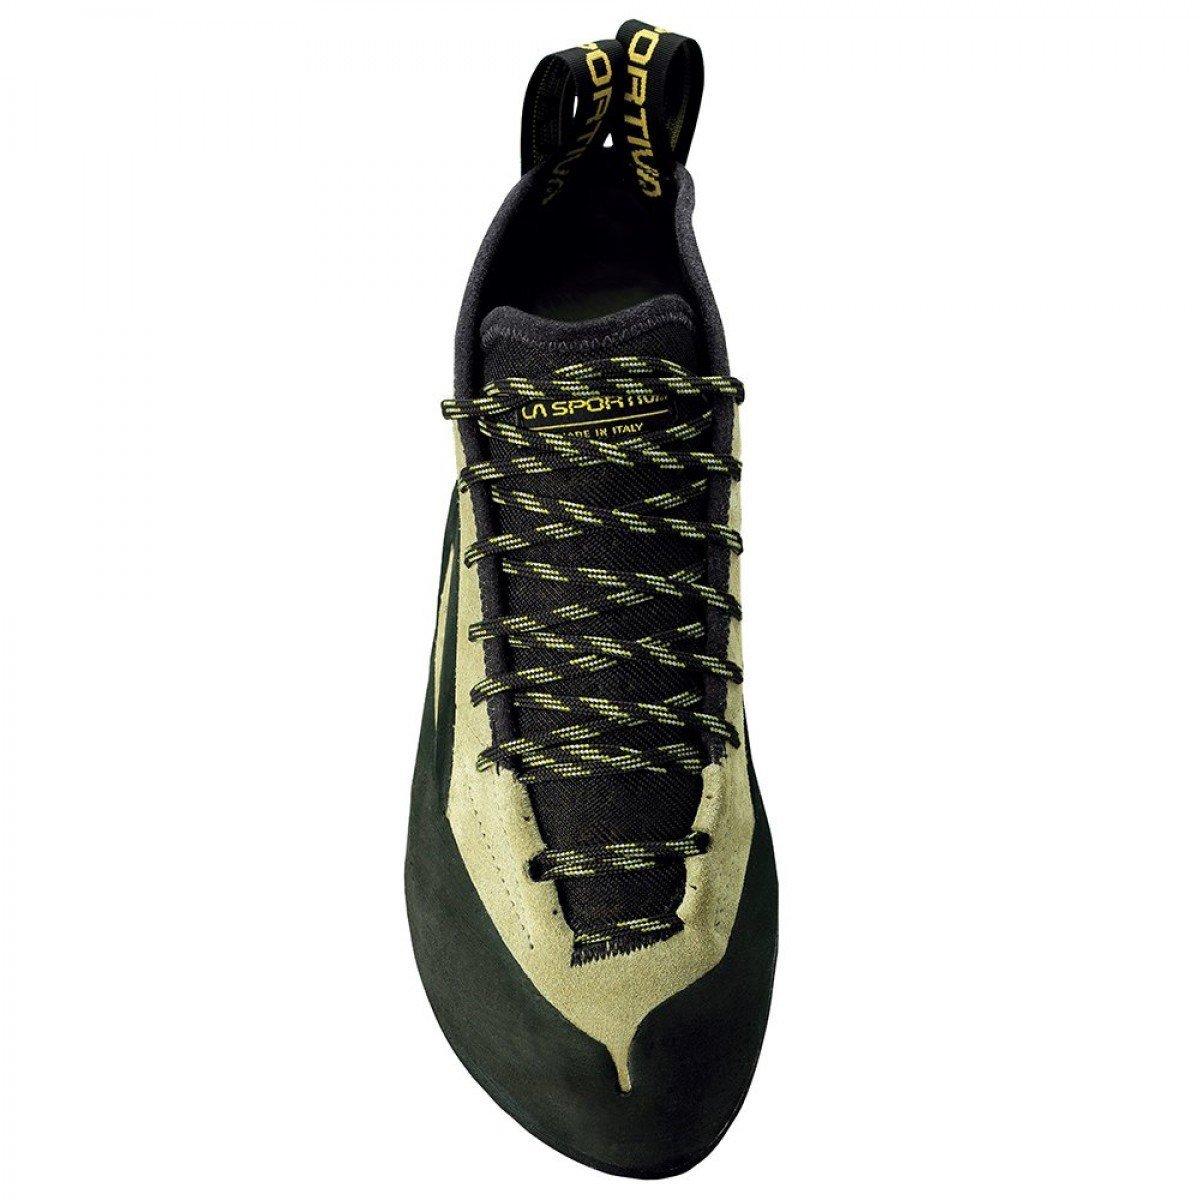 La Sportiva TC Pro Climbing Shoes